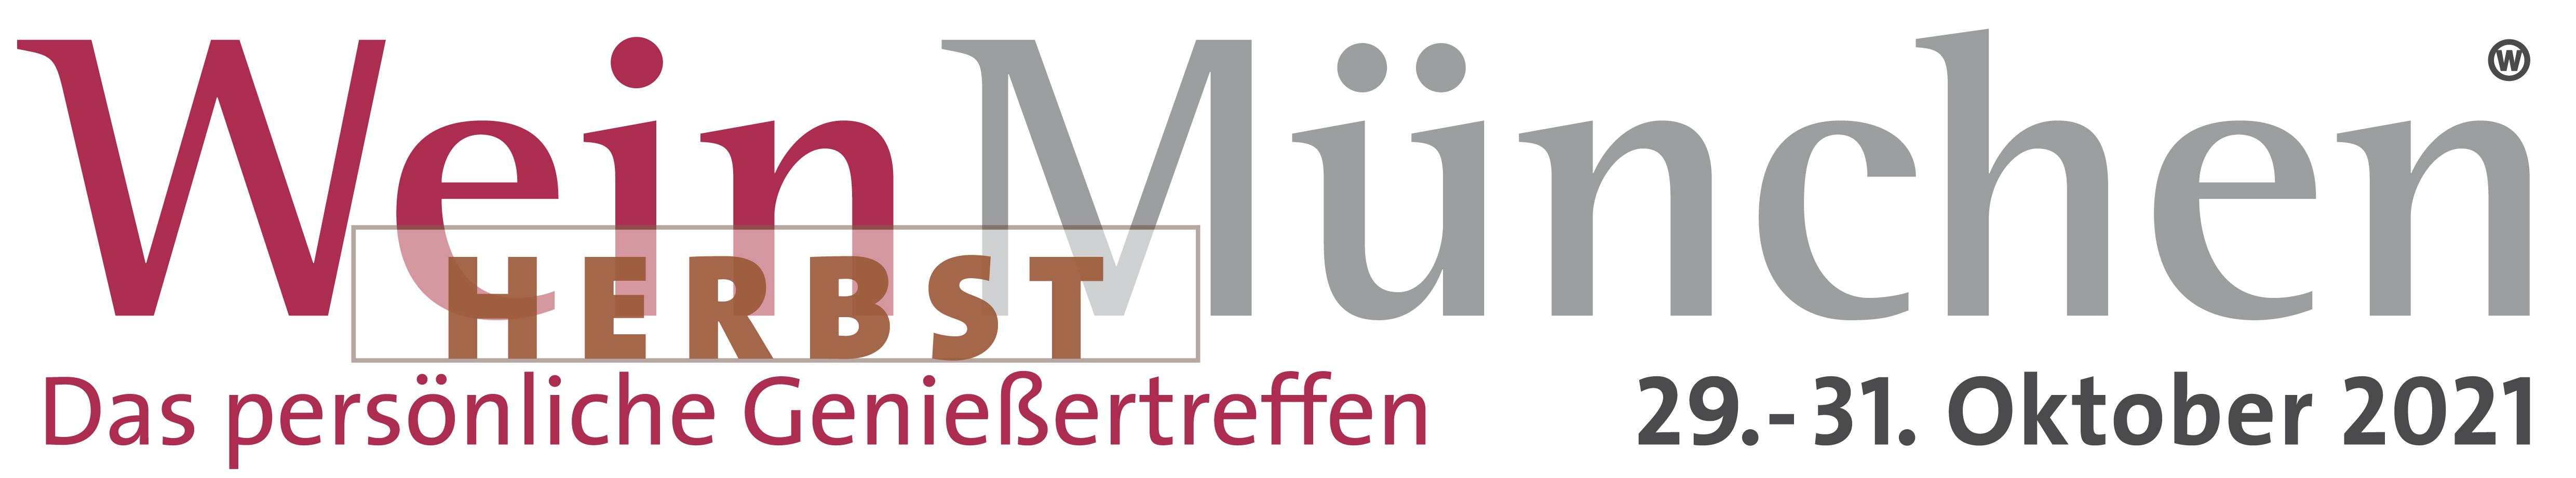 12-Logo-WeinMun-Hbst21